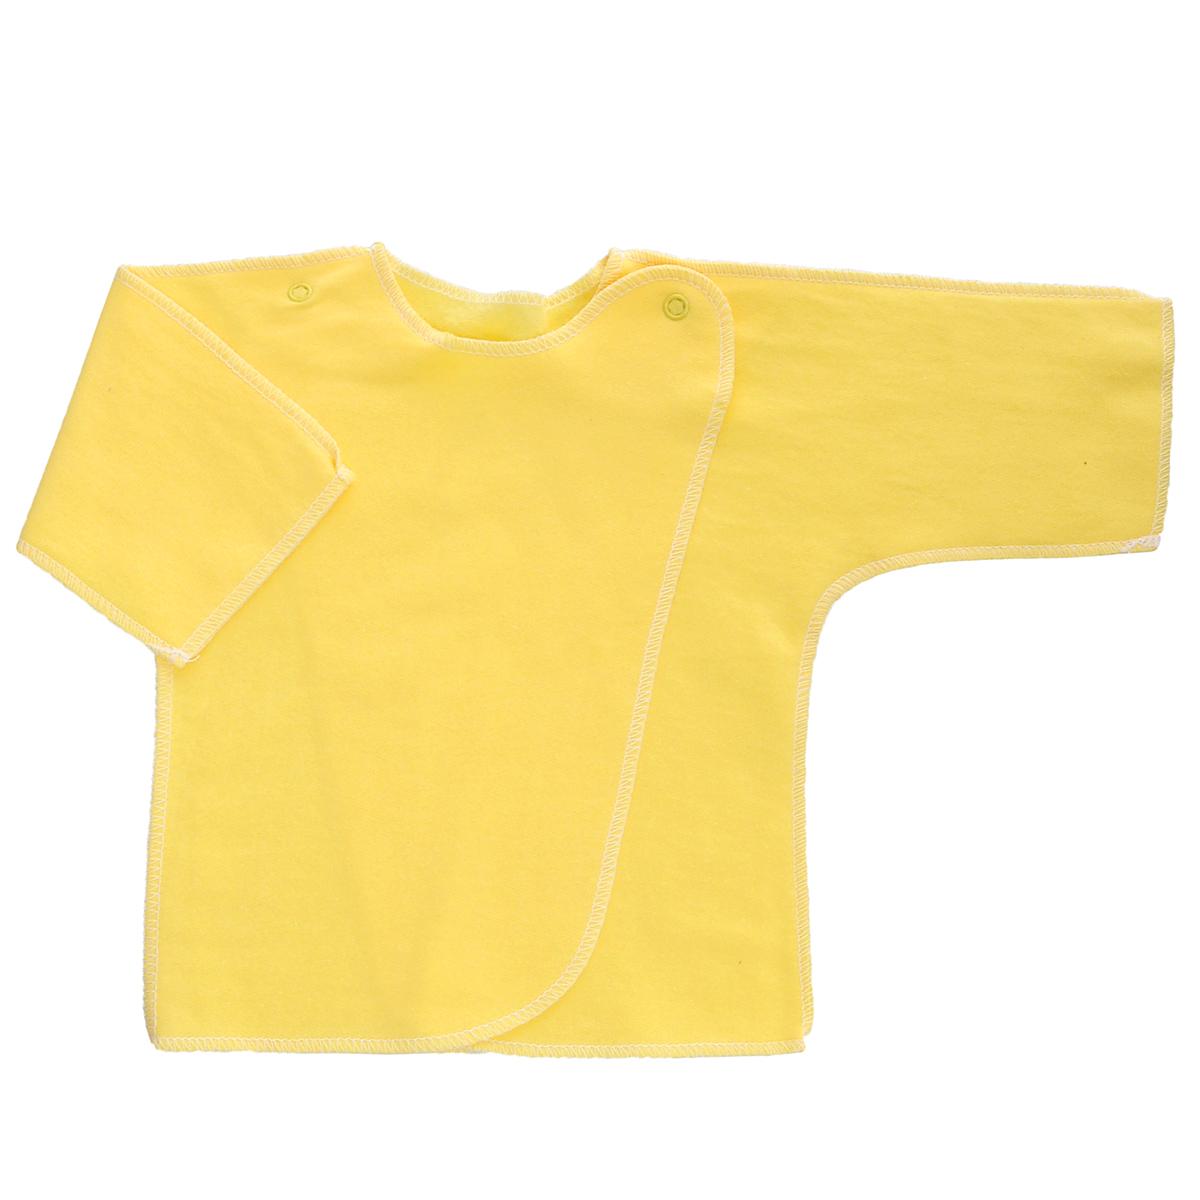 Распашонка5022Распашонка Трон-плюс послужит идеальным дополнением к гардеробу младенца. Распашонка с рукавами-кимоно, выполненная швами наружу, изготовлена из футера - натурального хлопка, благодаря чему она необычайно мягкая и легкая, не раздражает нежную кожу ребенка и хорошо вентилируется, а эластичные швы приятны телу малыша и не препятствуют его движениям. Распашонка с запахом, застегивается при помощи двух кнопок на плечах, которые позволяют без труда переодеть ребенка. Распашонка полностью соответствует особенностям жизни ребенка в ранний период, не стесняя и не ограничивая его в движениях.